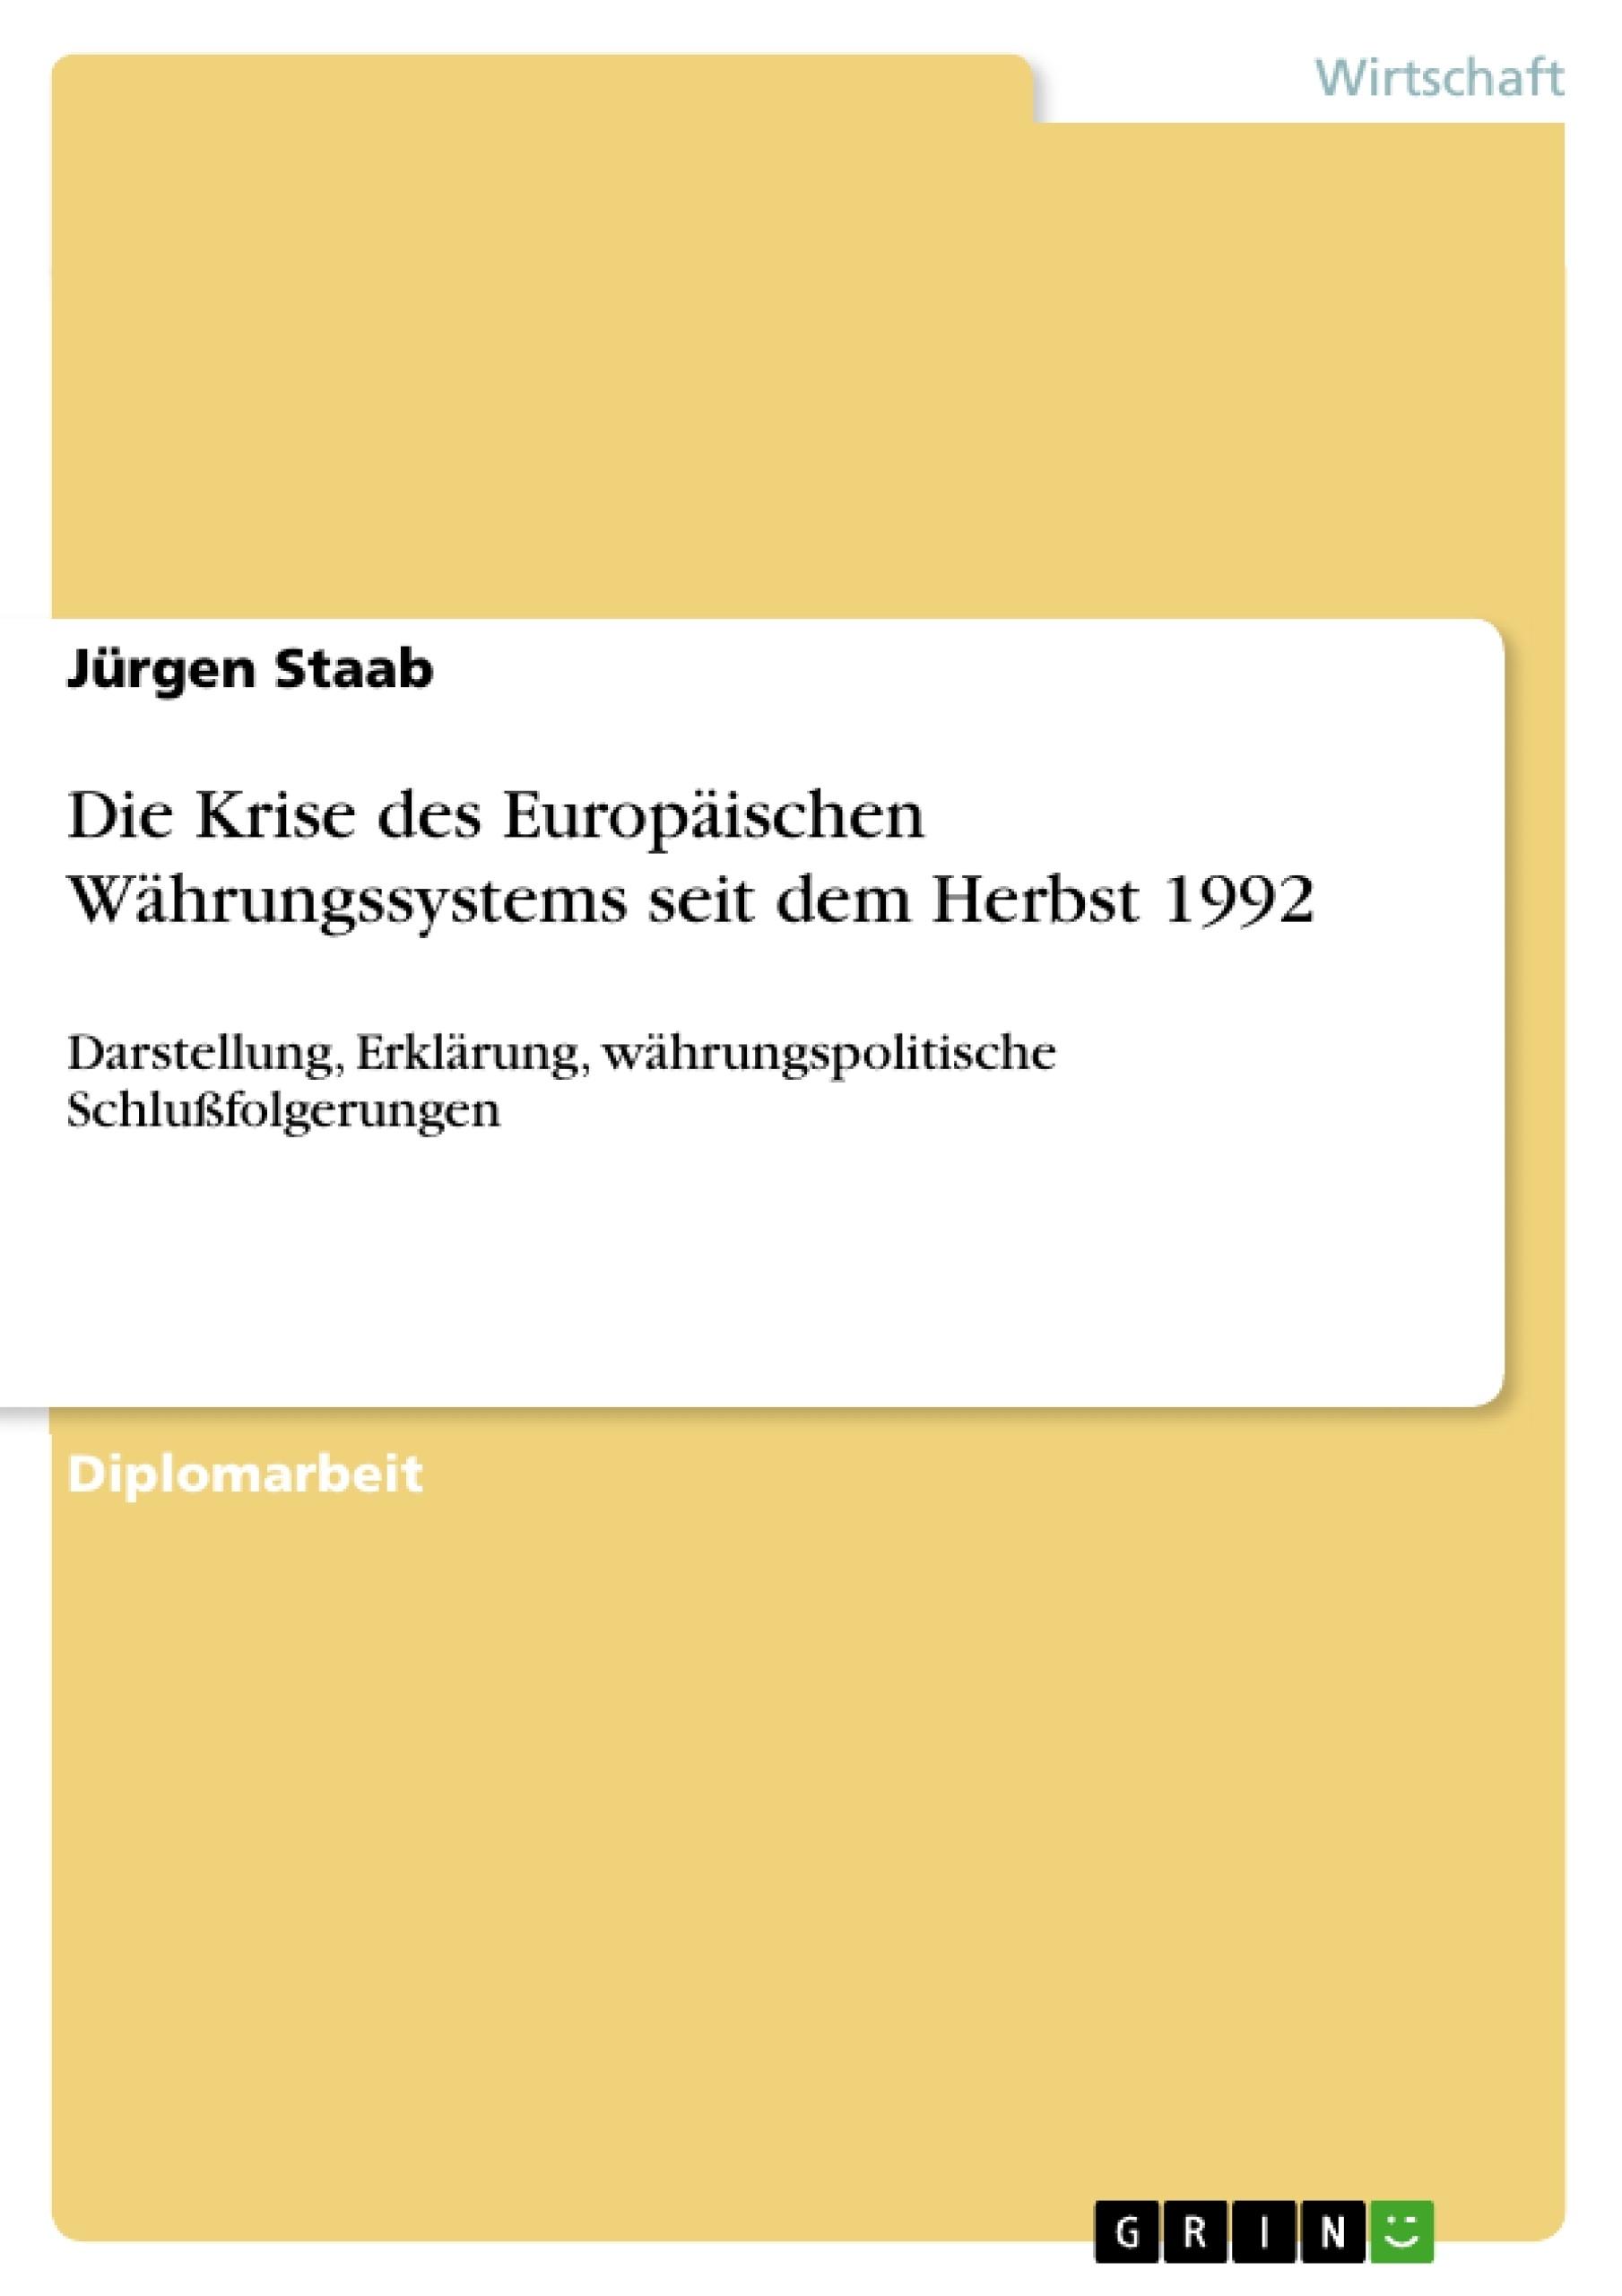 Titel: Die Krise des Europäischen Währungssystems seit dem Herbst 1992